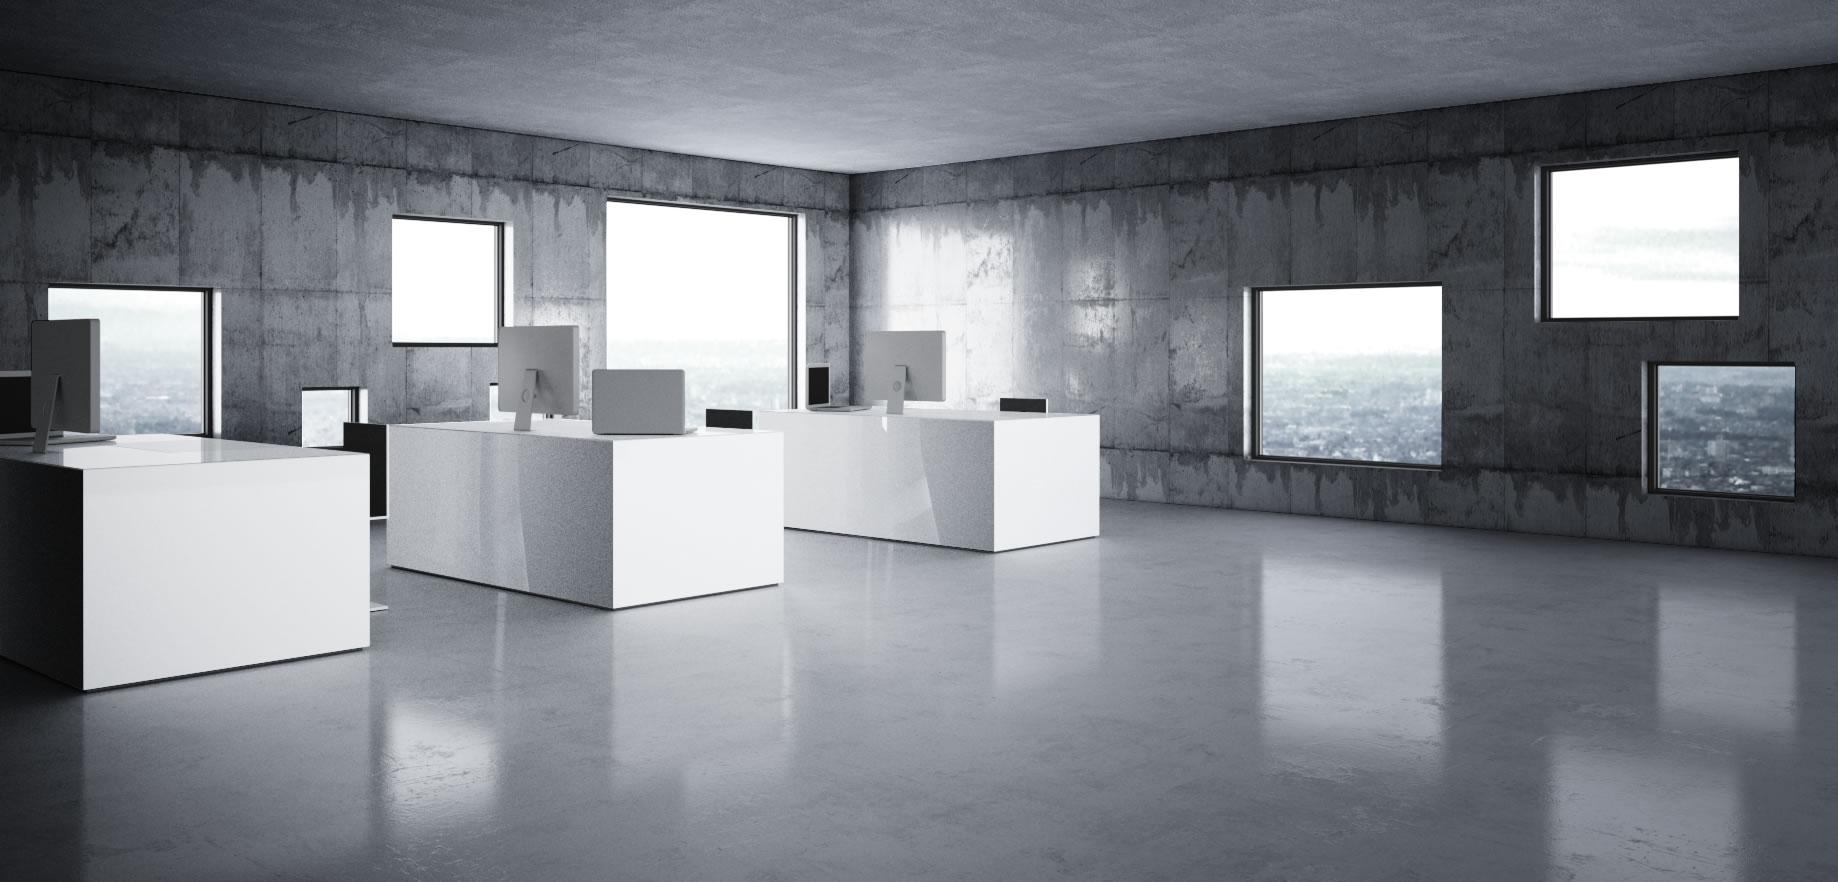 Schreibtisch regere moderner design schreibtisch von for How to choose an architect for remodel